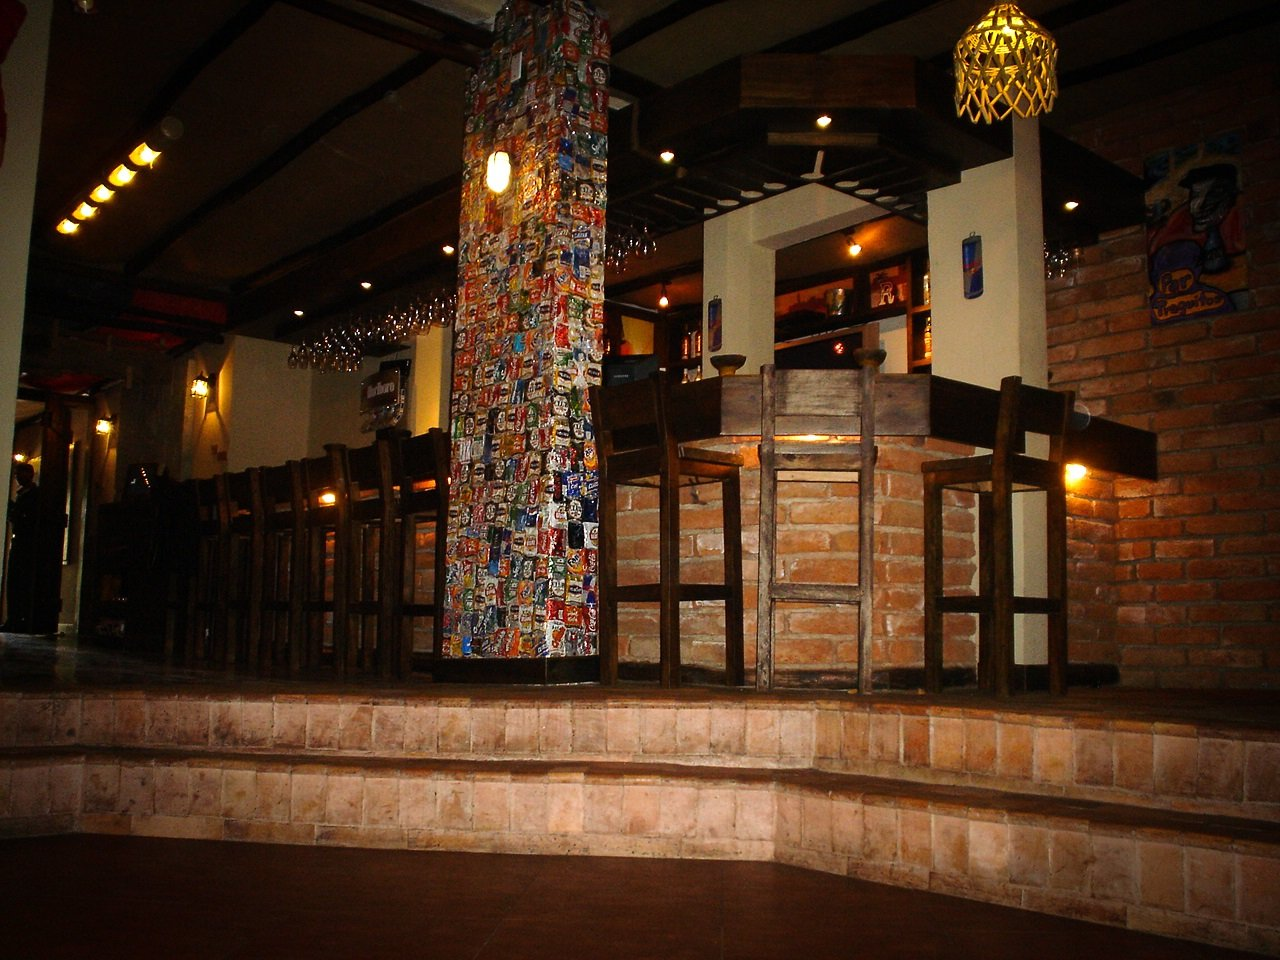 Bar-Perico-Palotes-A3-Arquitectos-Quito-Ecuador-4